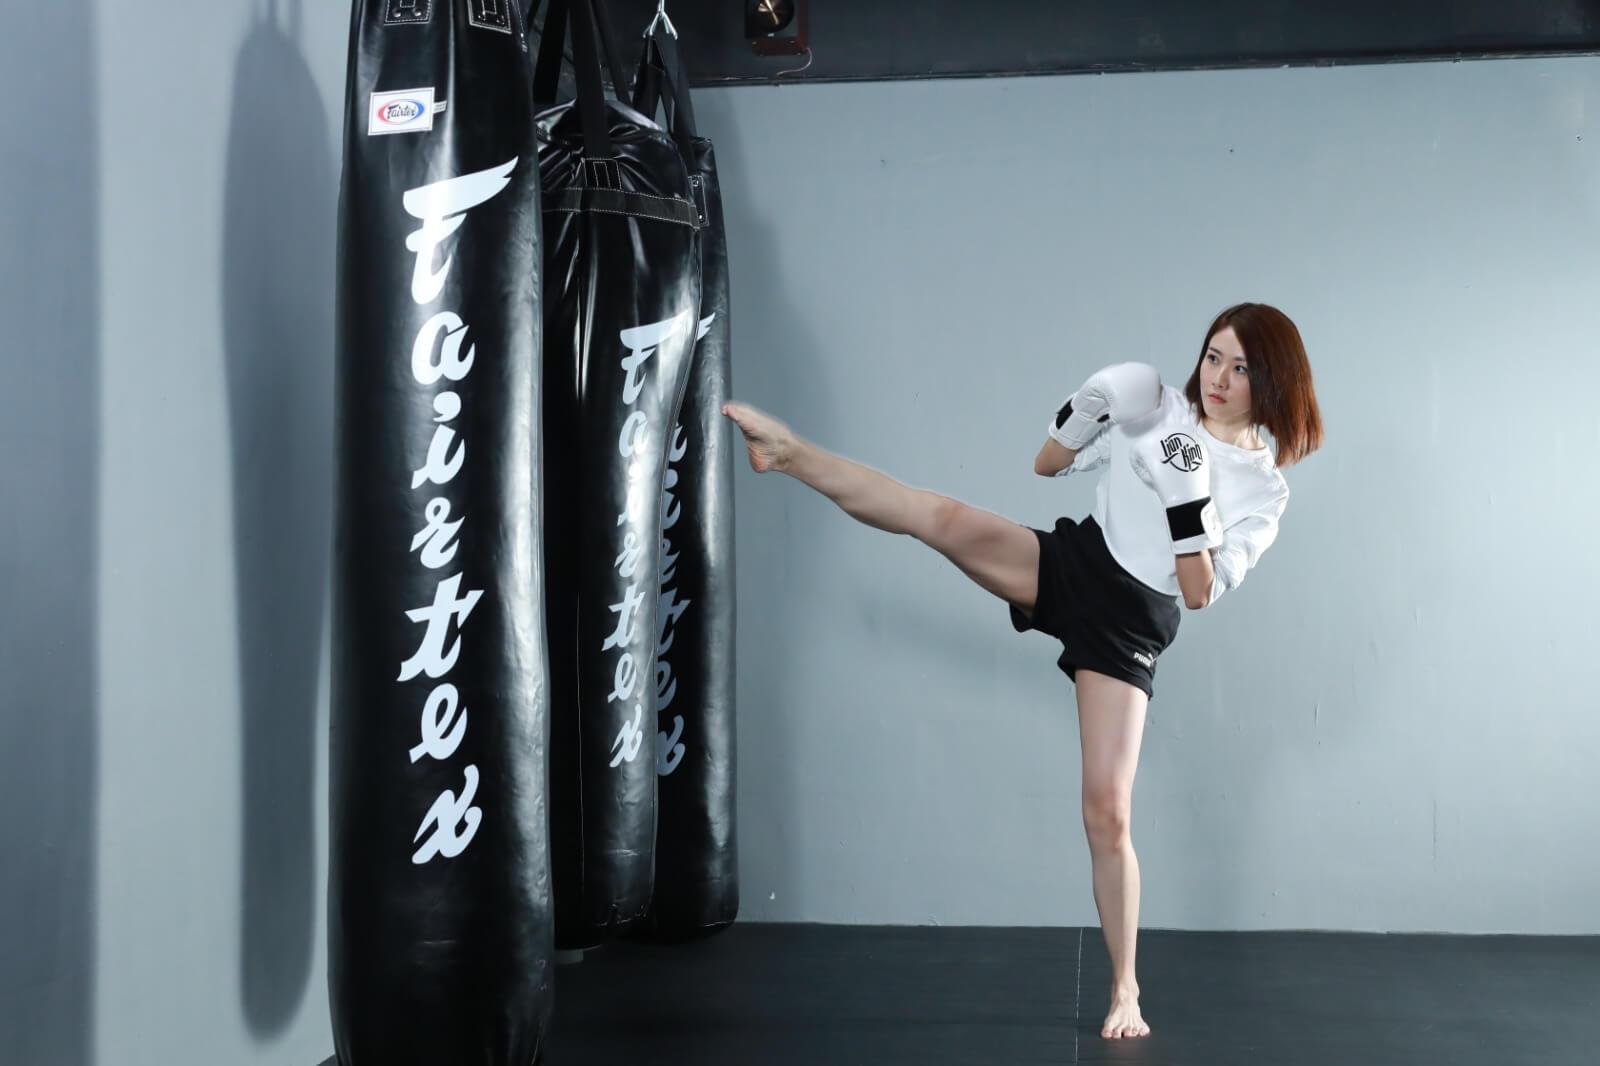 踢腿是打拳最基本的動作,當然要做到有姿勢有實際。